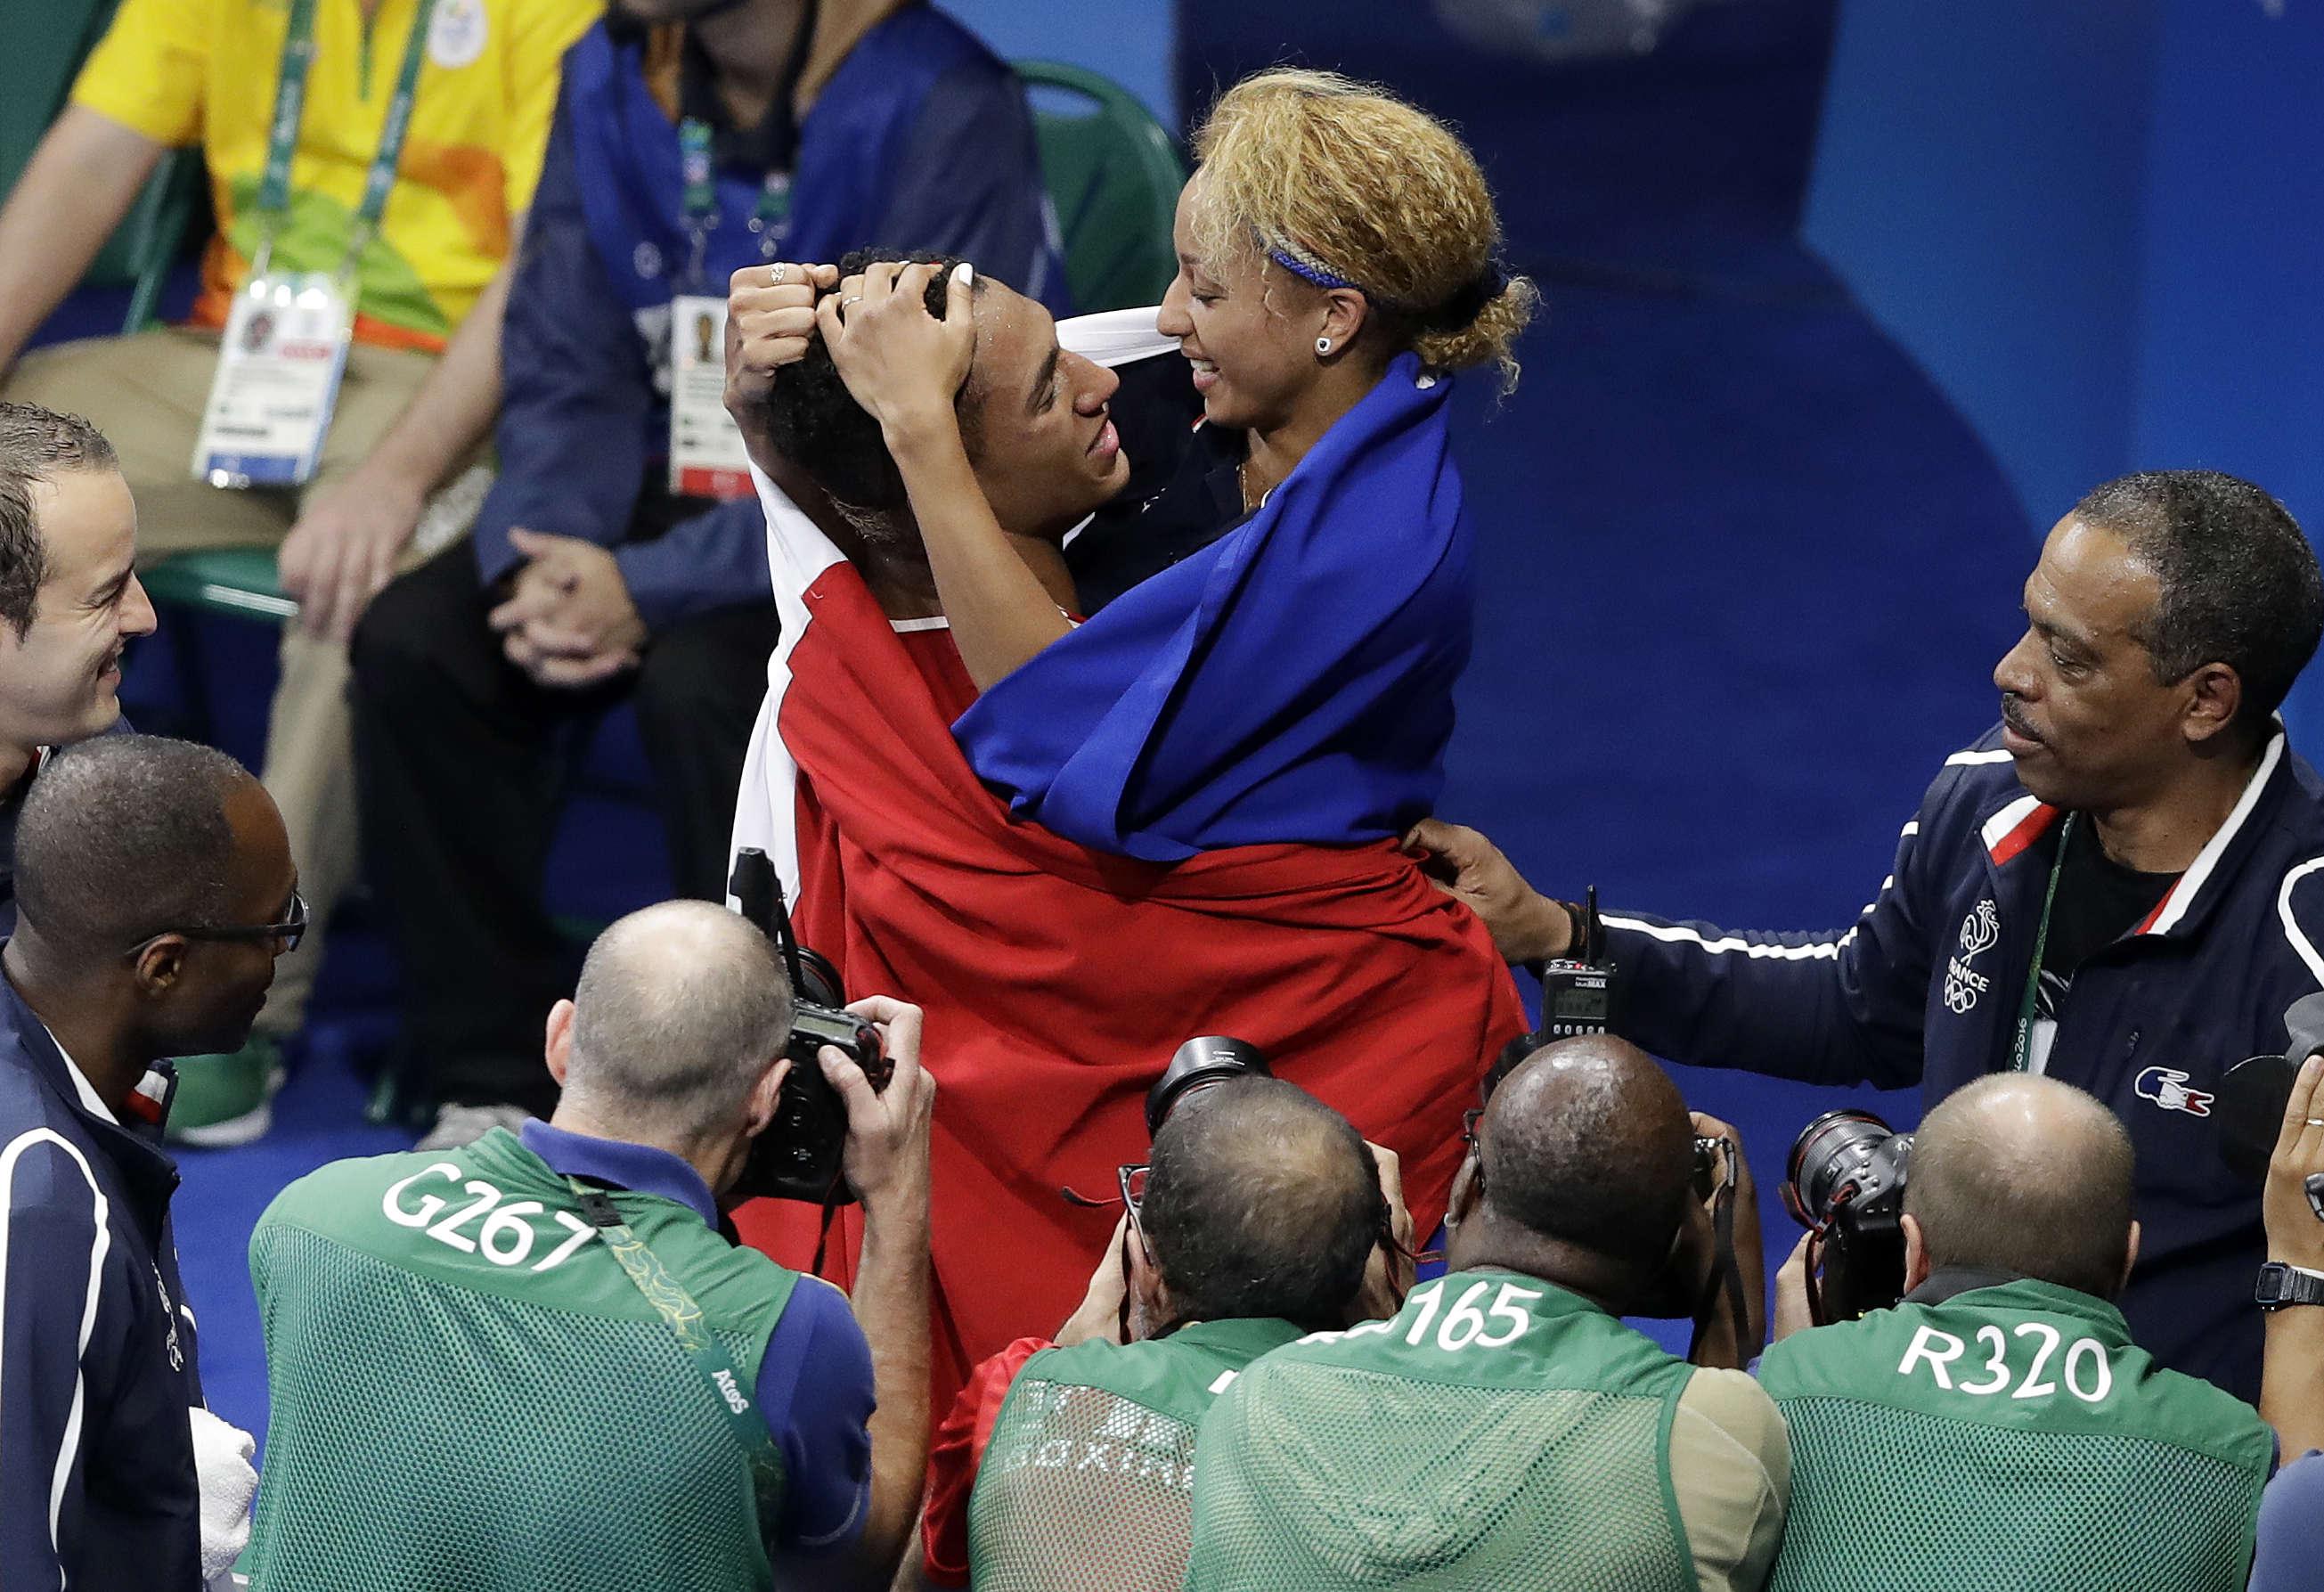 Le couple formé par Tony Yoka et Estelle Mossely, sous les yeux des photographes savoure son bonheur. Les deux boxeurs français ont remporté l'or dans leurs catégories respectives. Un rêve qu'ils s'étaient fixés et qu'ils ont réussi à accomplir.